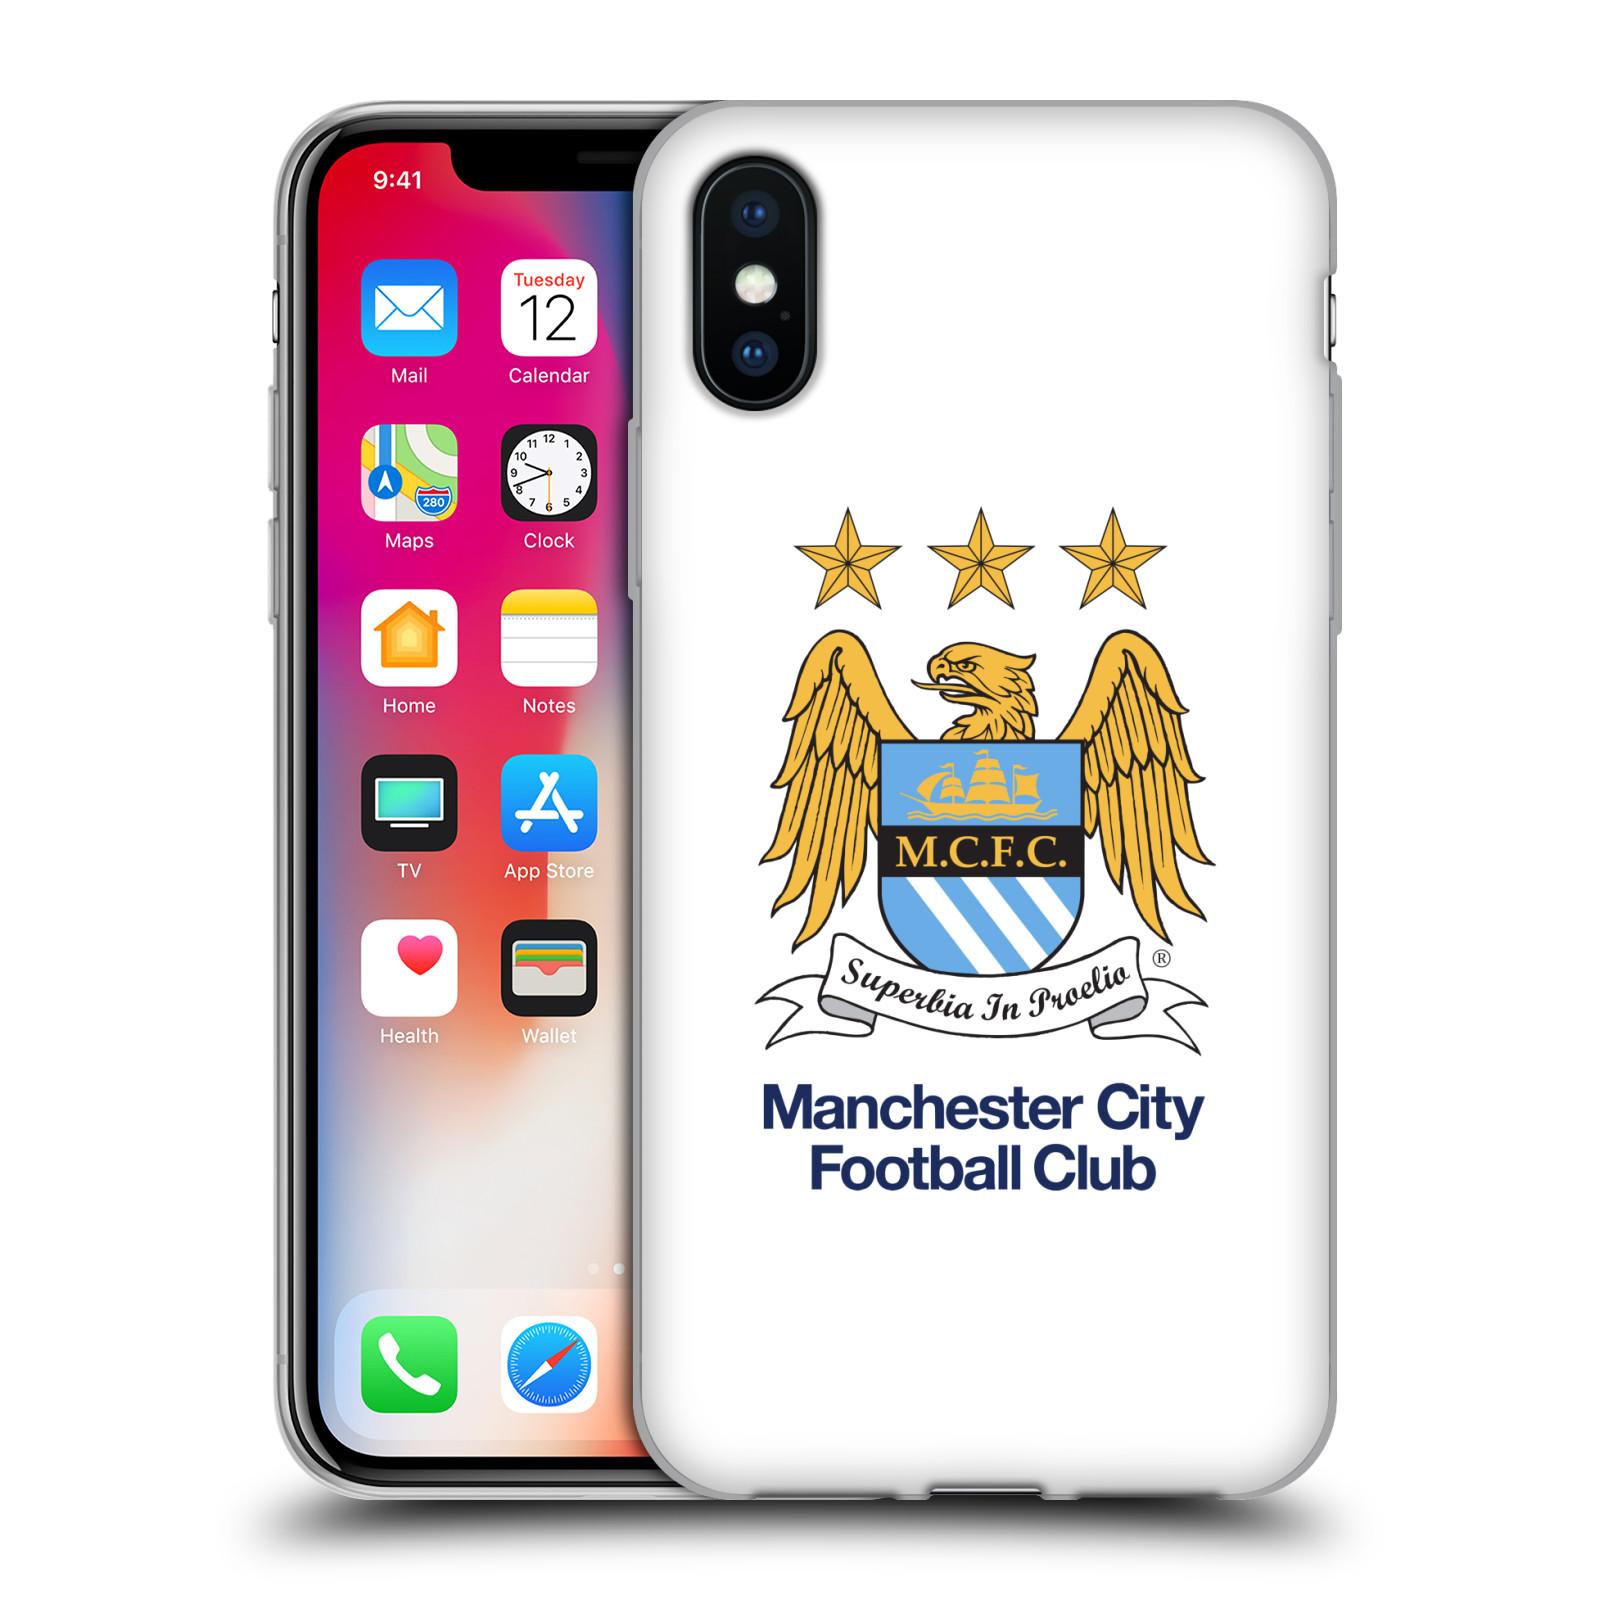 HEAD CASE silikonový obal na mobil Apple Iphone X Fotbalový klub Manchester City bílé pozadí velký znak pták